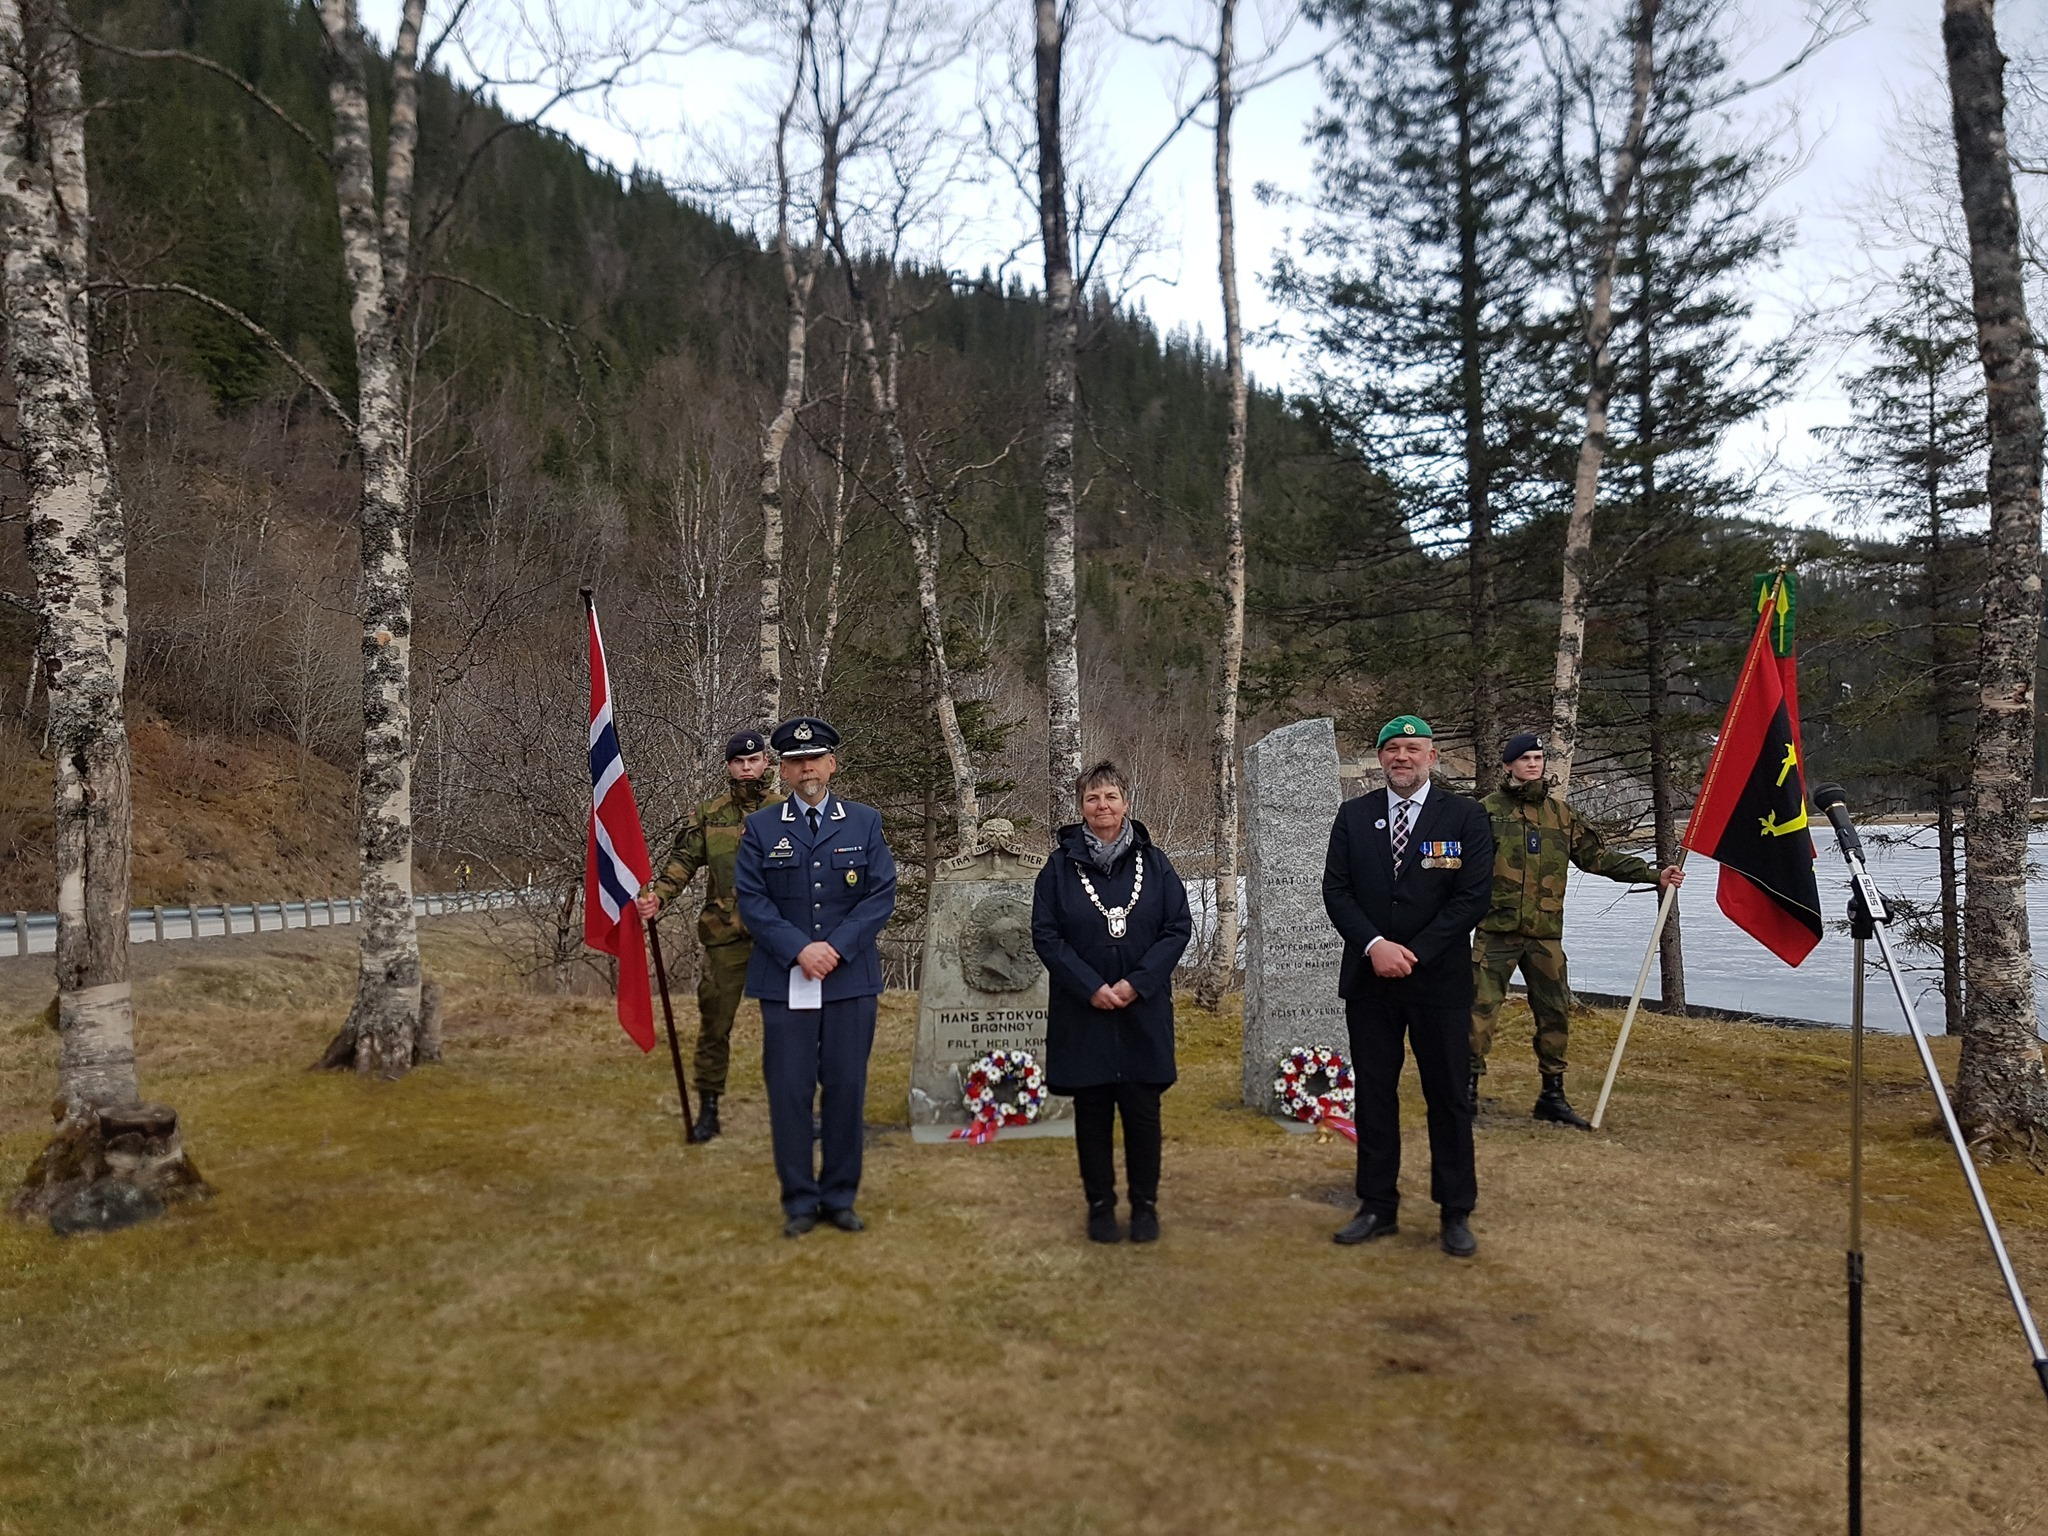 Fra markereringen av den Nasjonale veterandagen og Frigjøringsdagen 8. mai 2021